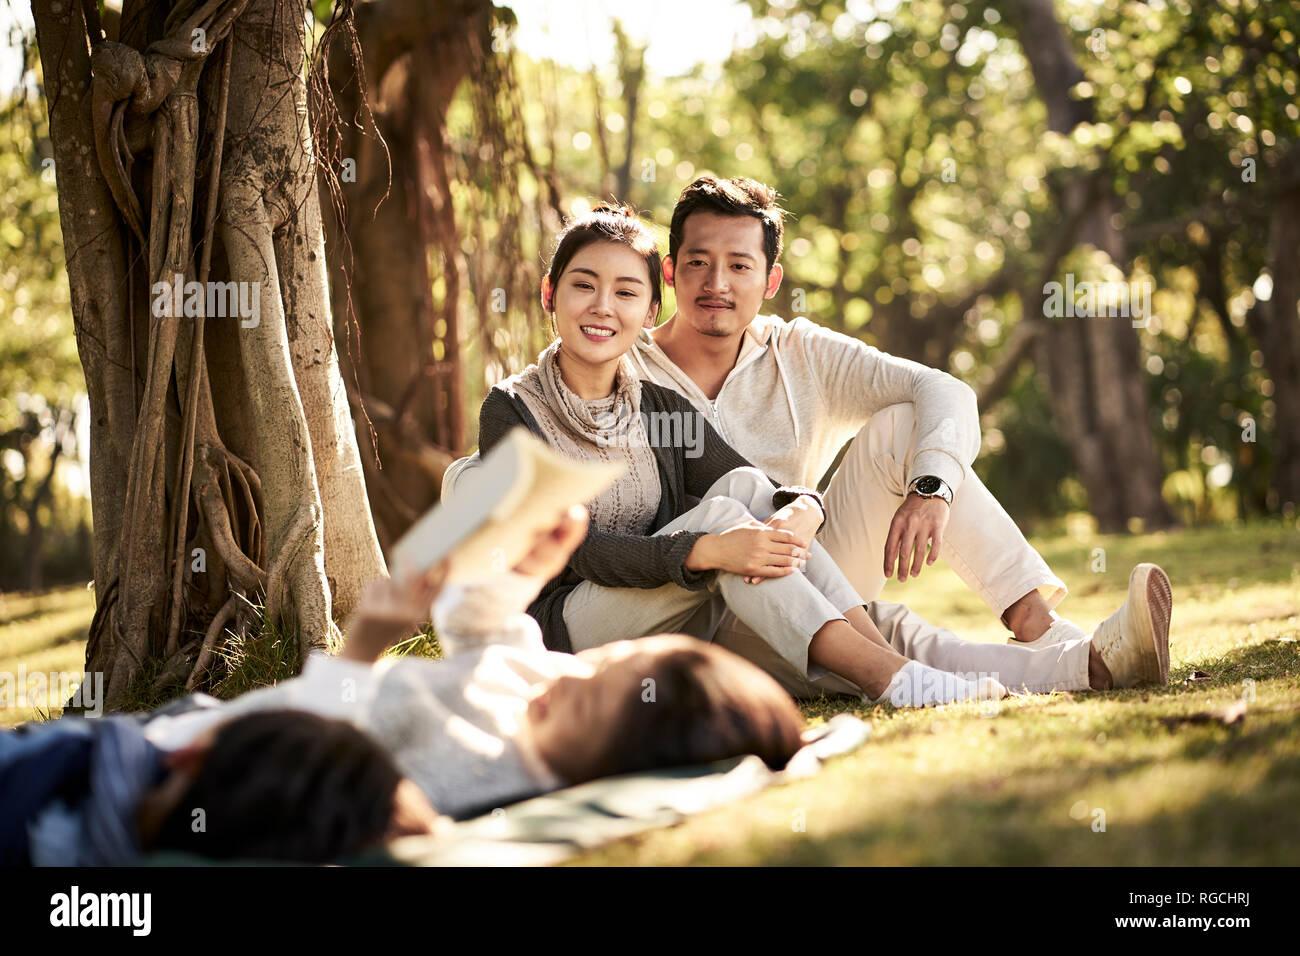 Due bambini asiatici piccolo ragazzo e ragazza divertirsi sdraiati sull'erba la lettura di un libro con i genitori seduti a guardare in background, concentrarsi sui genitori in b Foto Stock